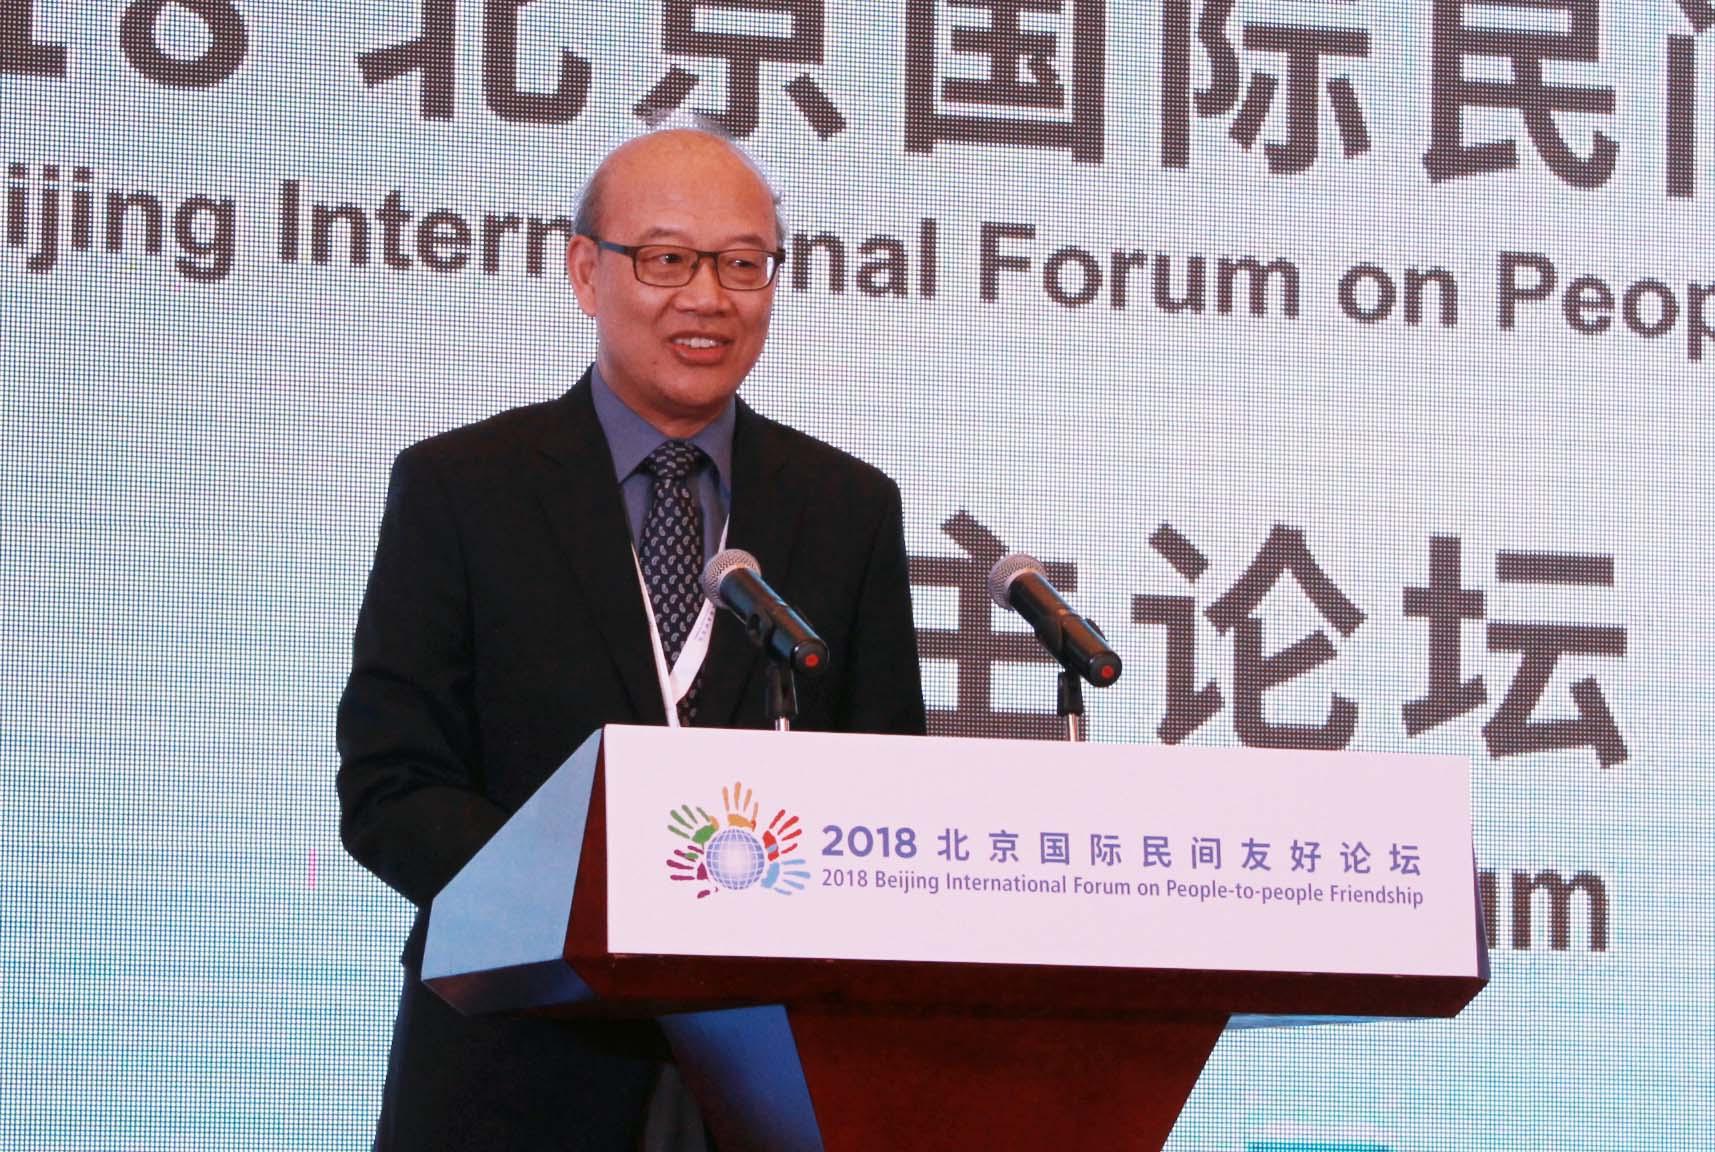 环球网专访王恩哥:科技工作者参与国际交流扮演特殊角色 也承担社会责任